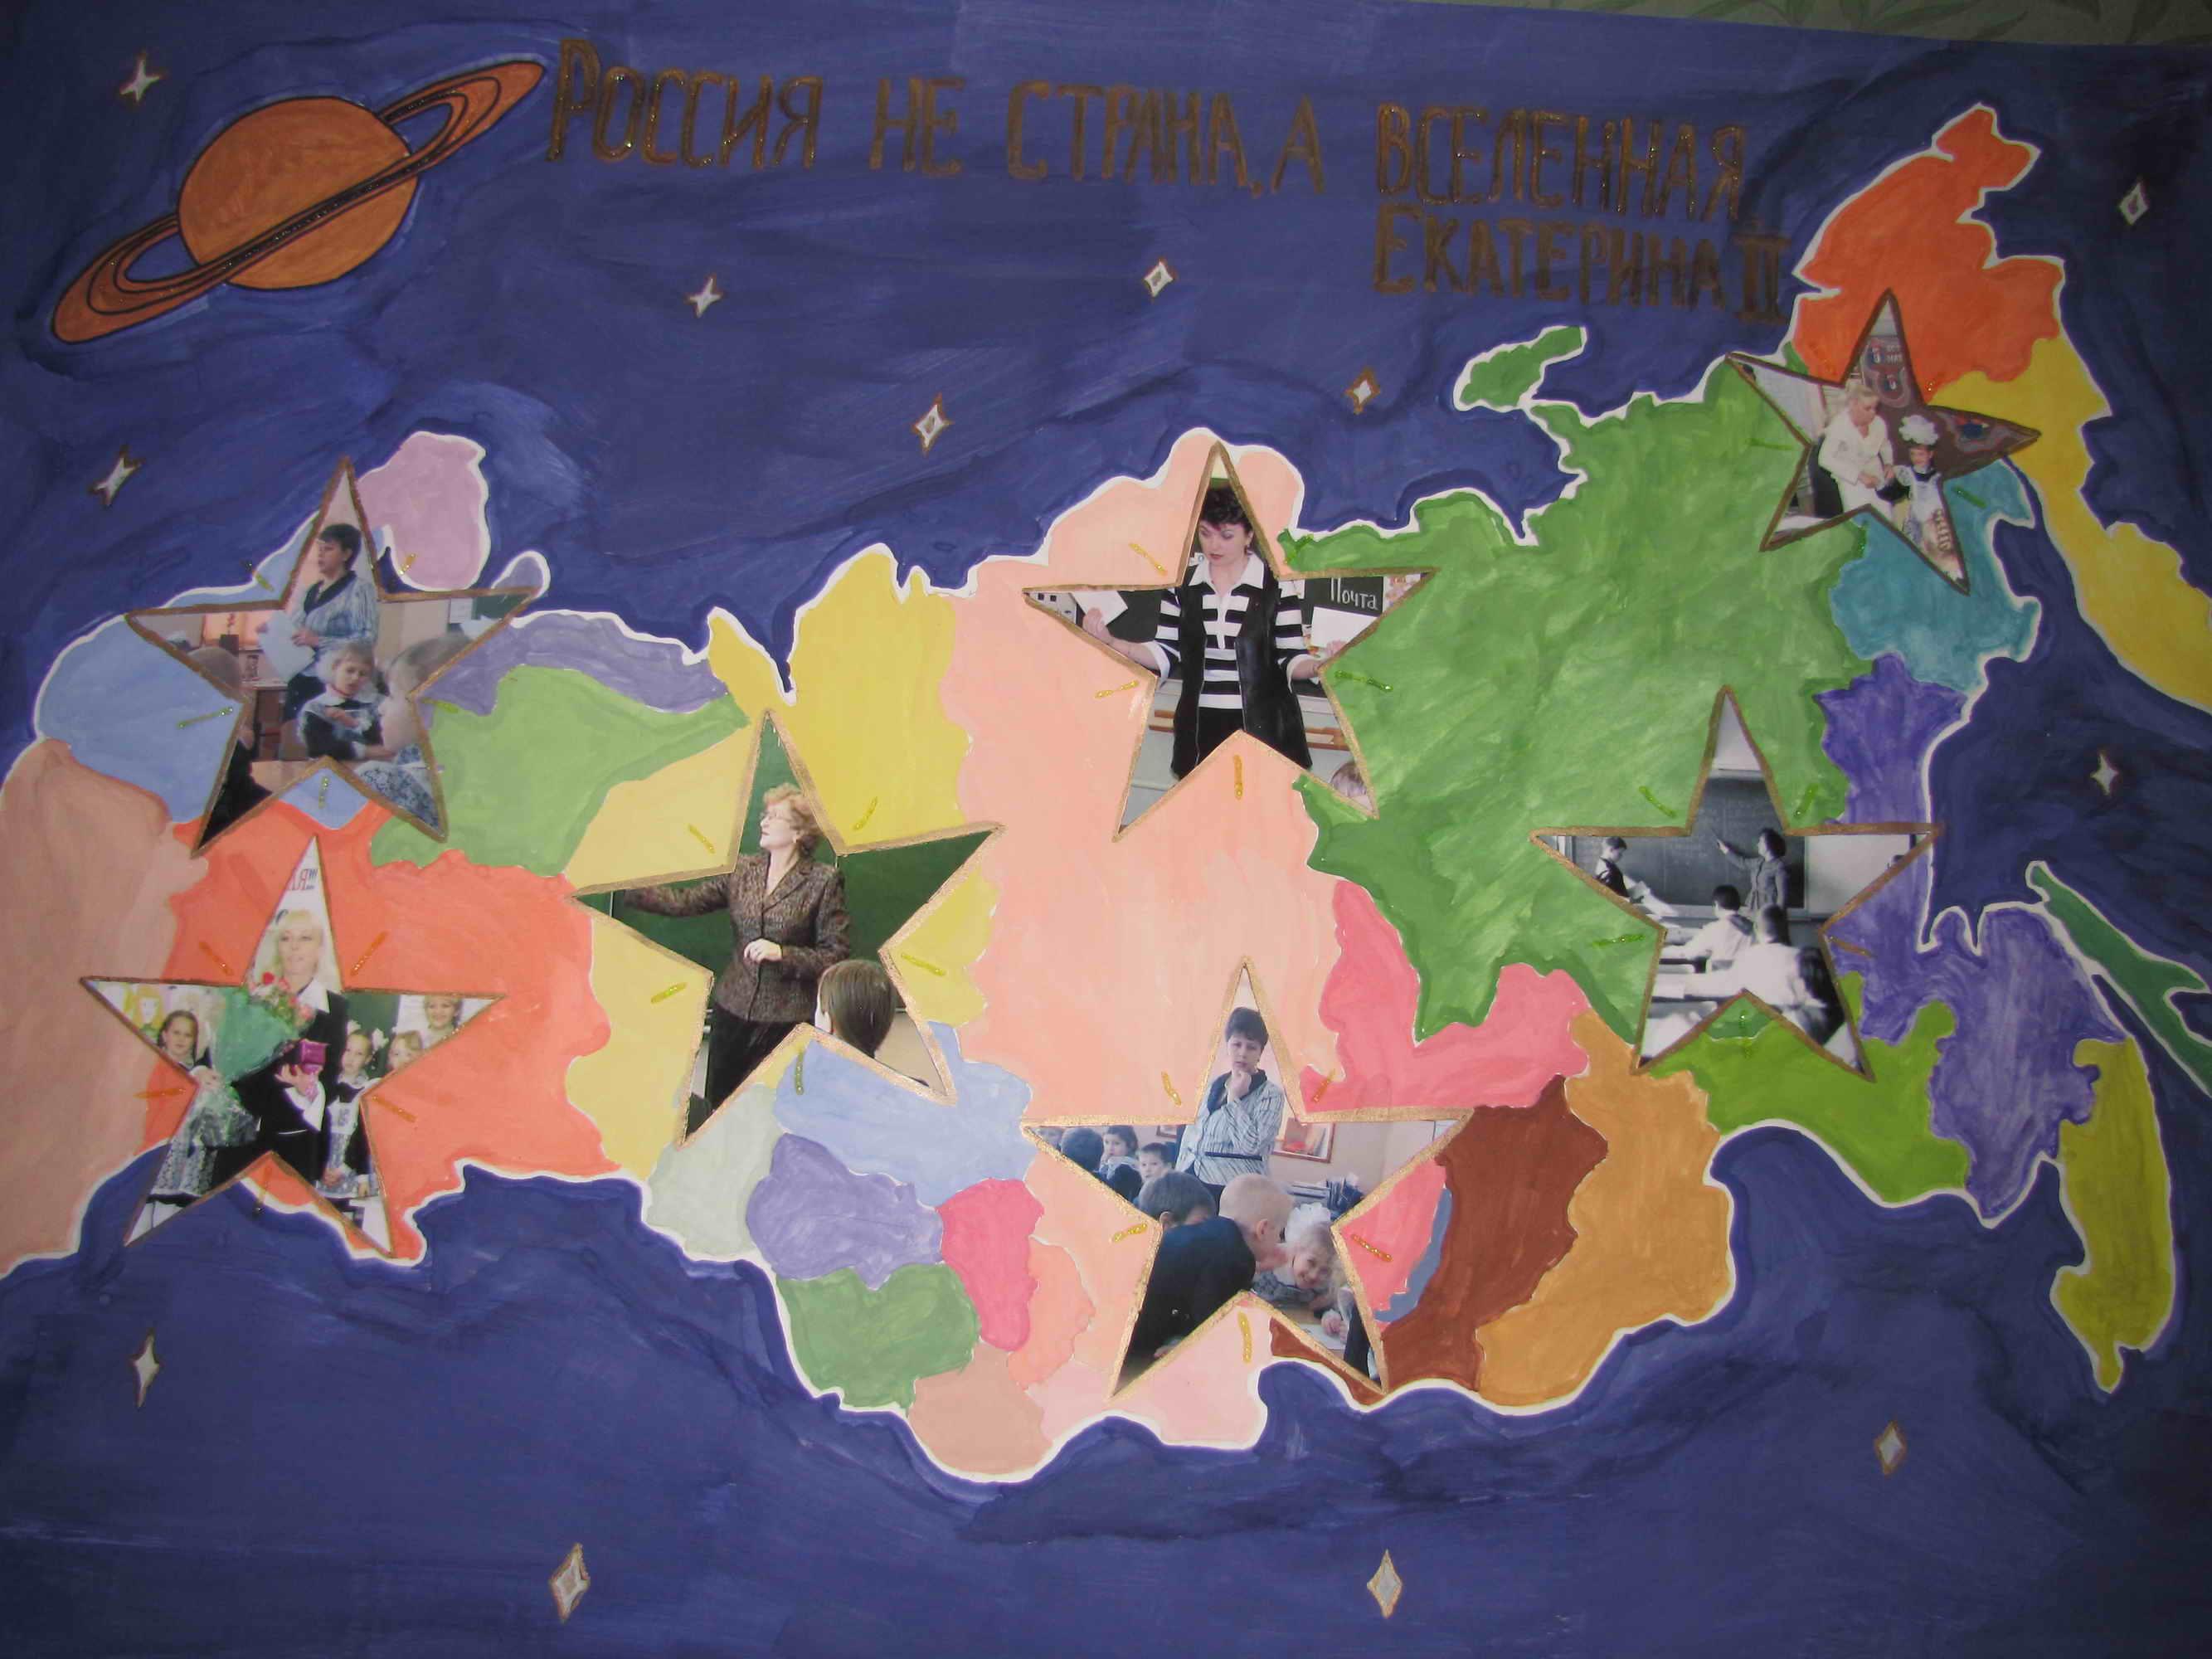 Работа (доклад) на конкурс про учителей . _Работы моей племяшки Танюши Жидковой